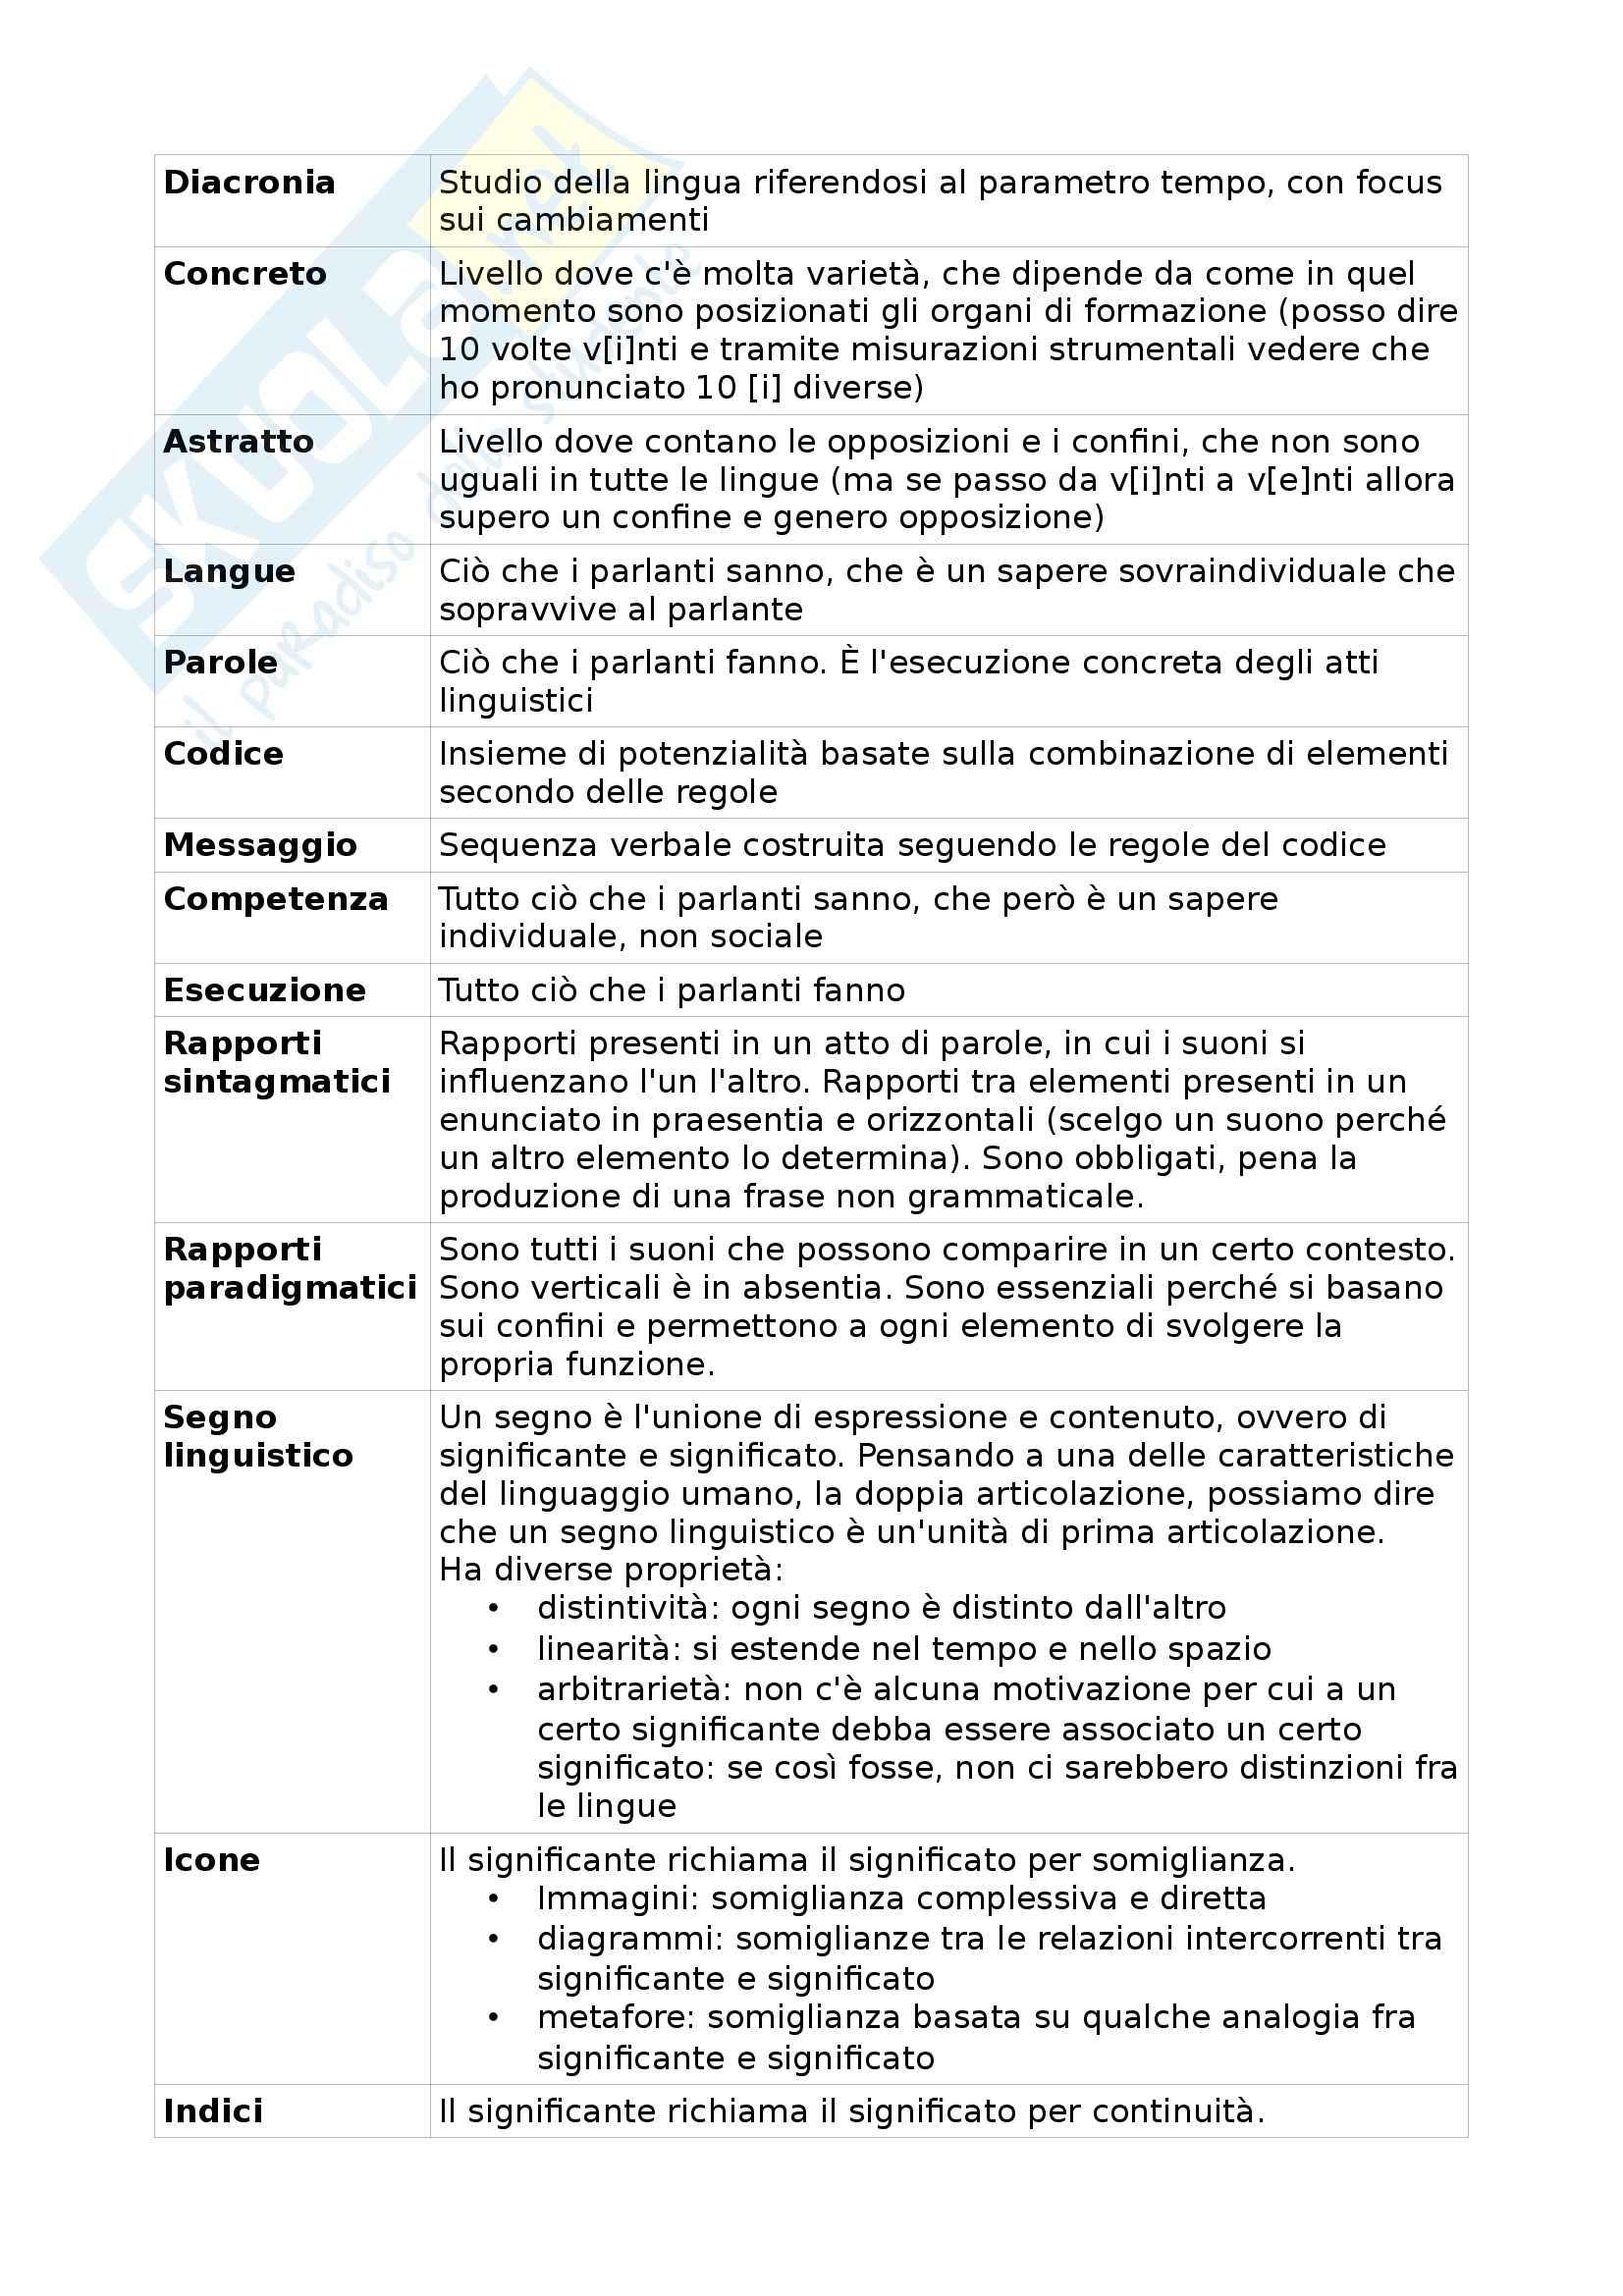 Linguistica generale - definizioni Pag. 2